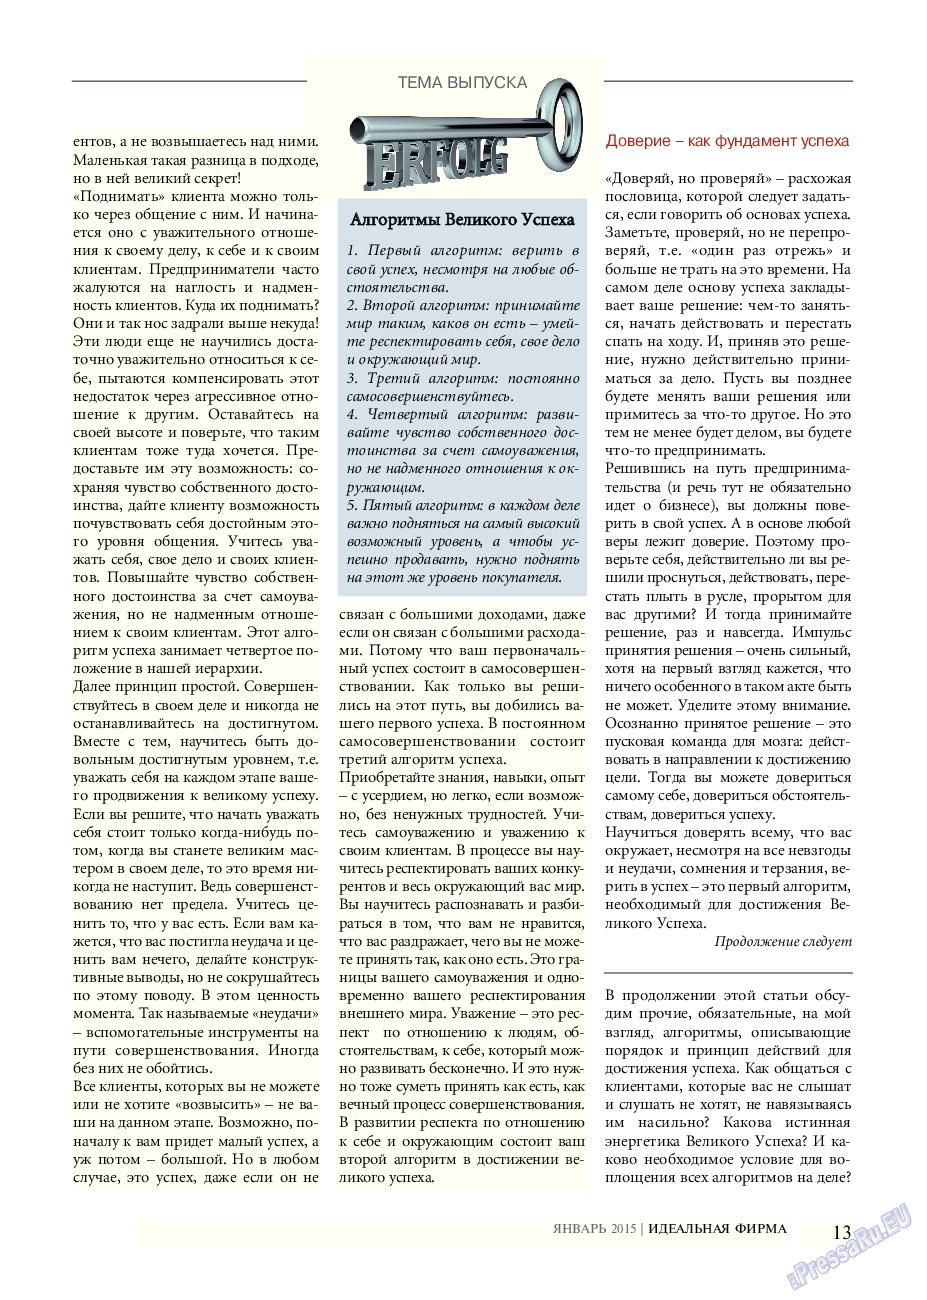 Идеальная фирма (журнал). 2015 год, номер 1, стр. 13